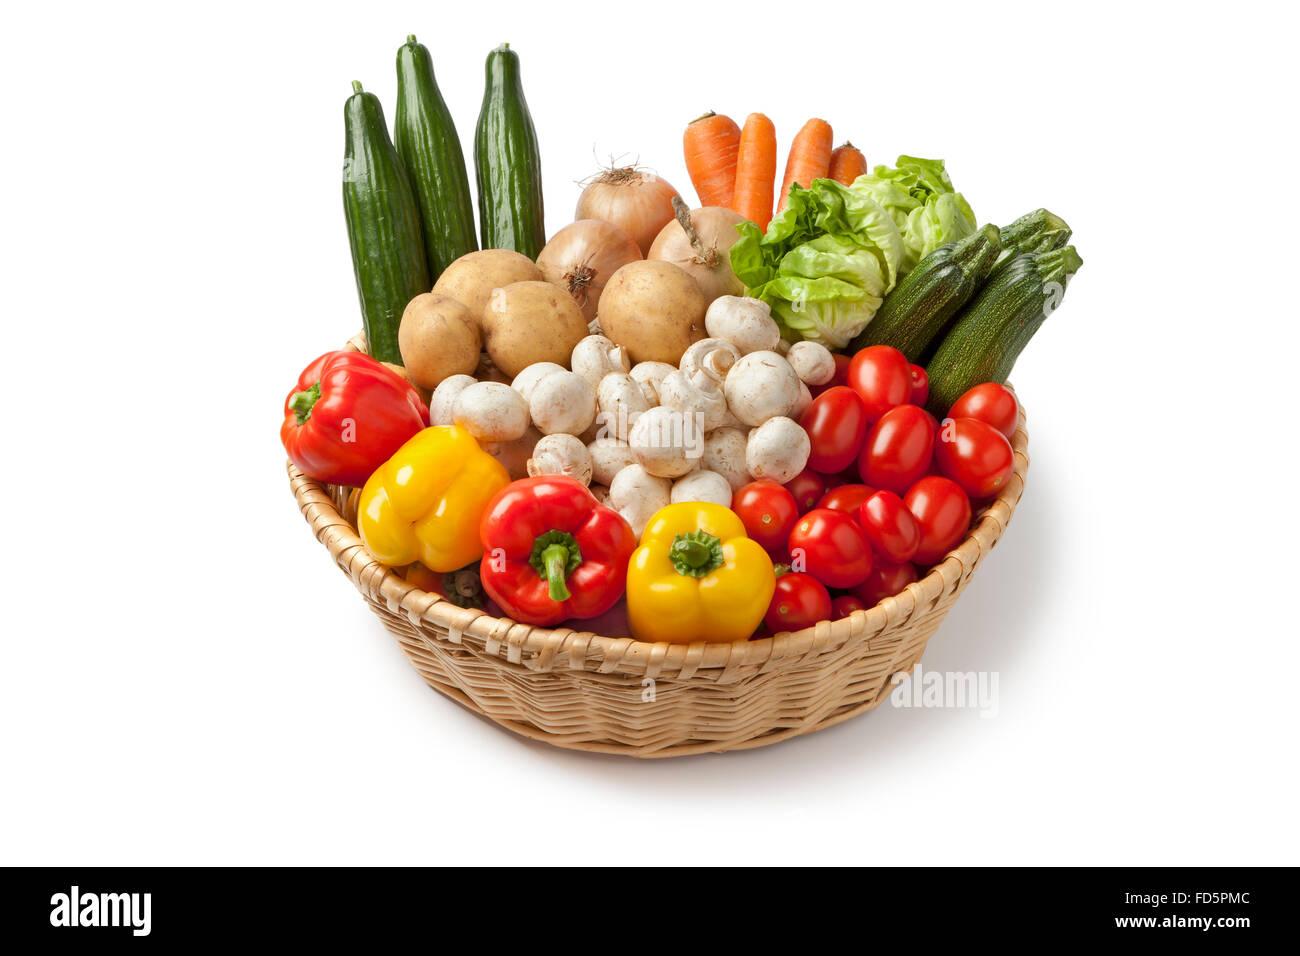 Panier de légumes frais sur fond blanc Photo Stock